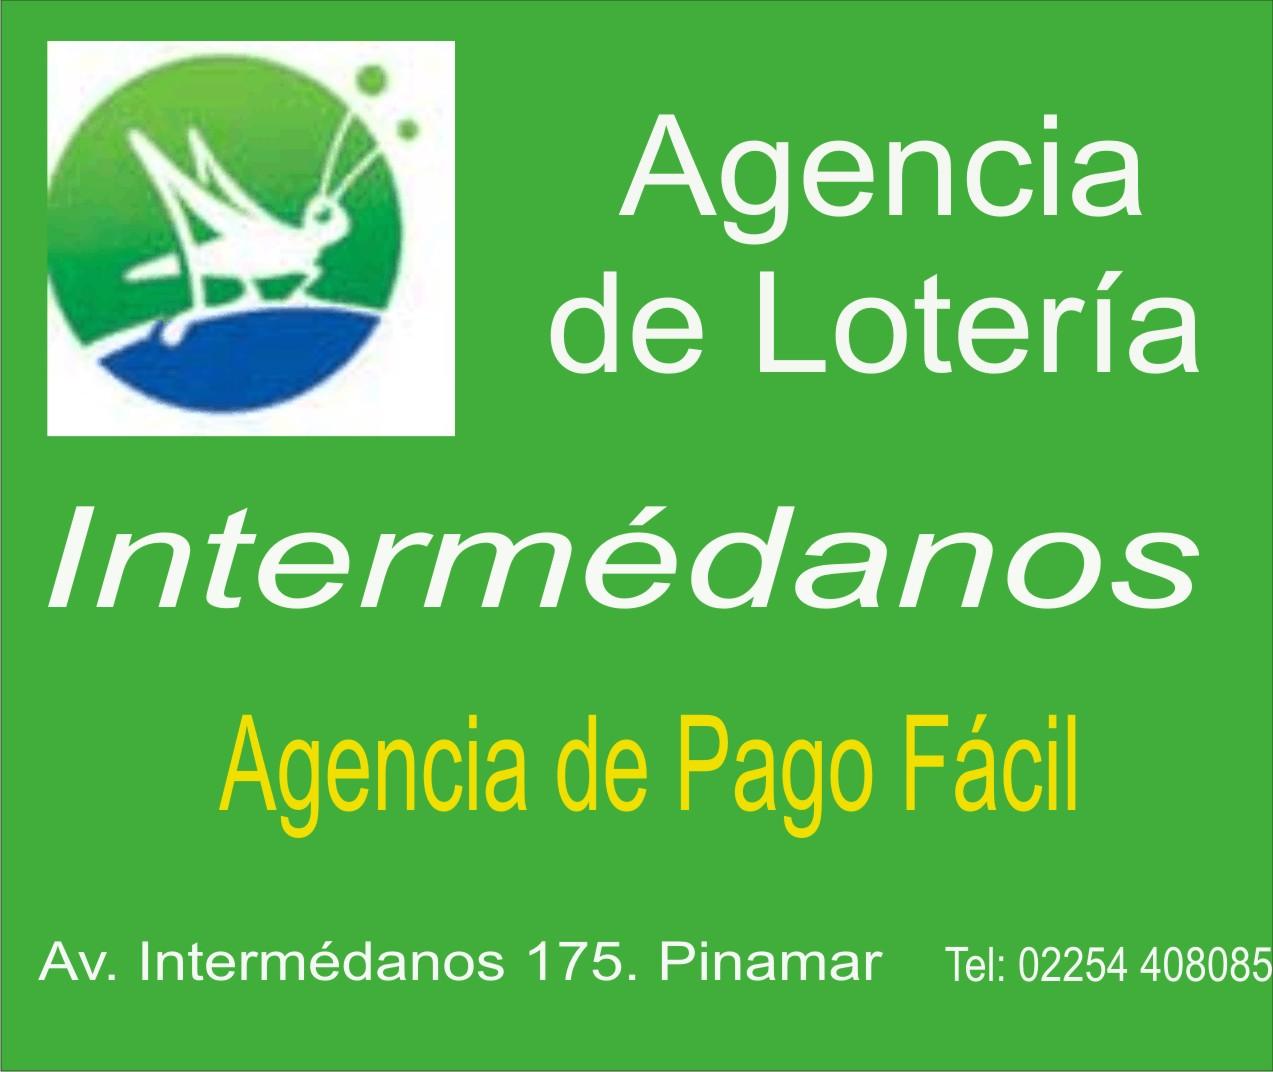 Agencia de Lotería